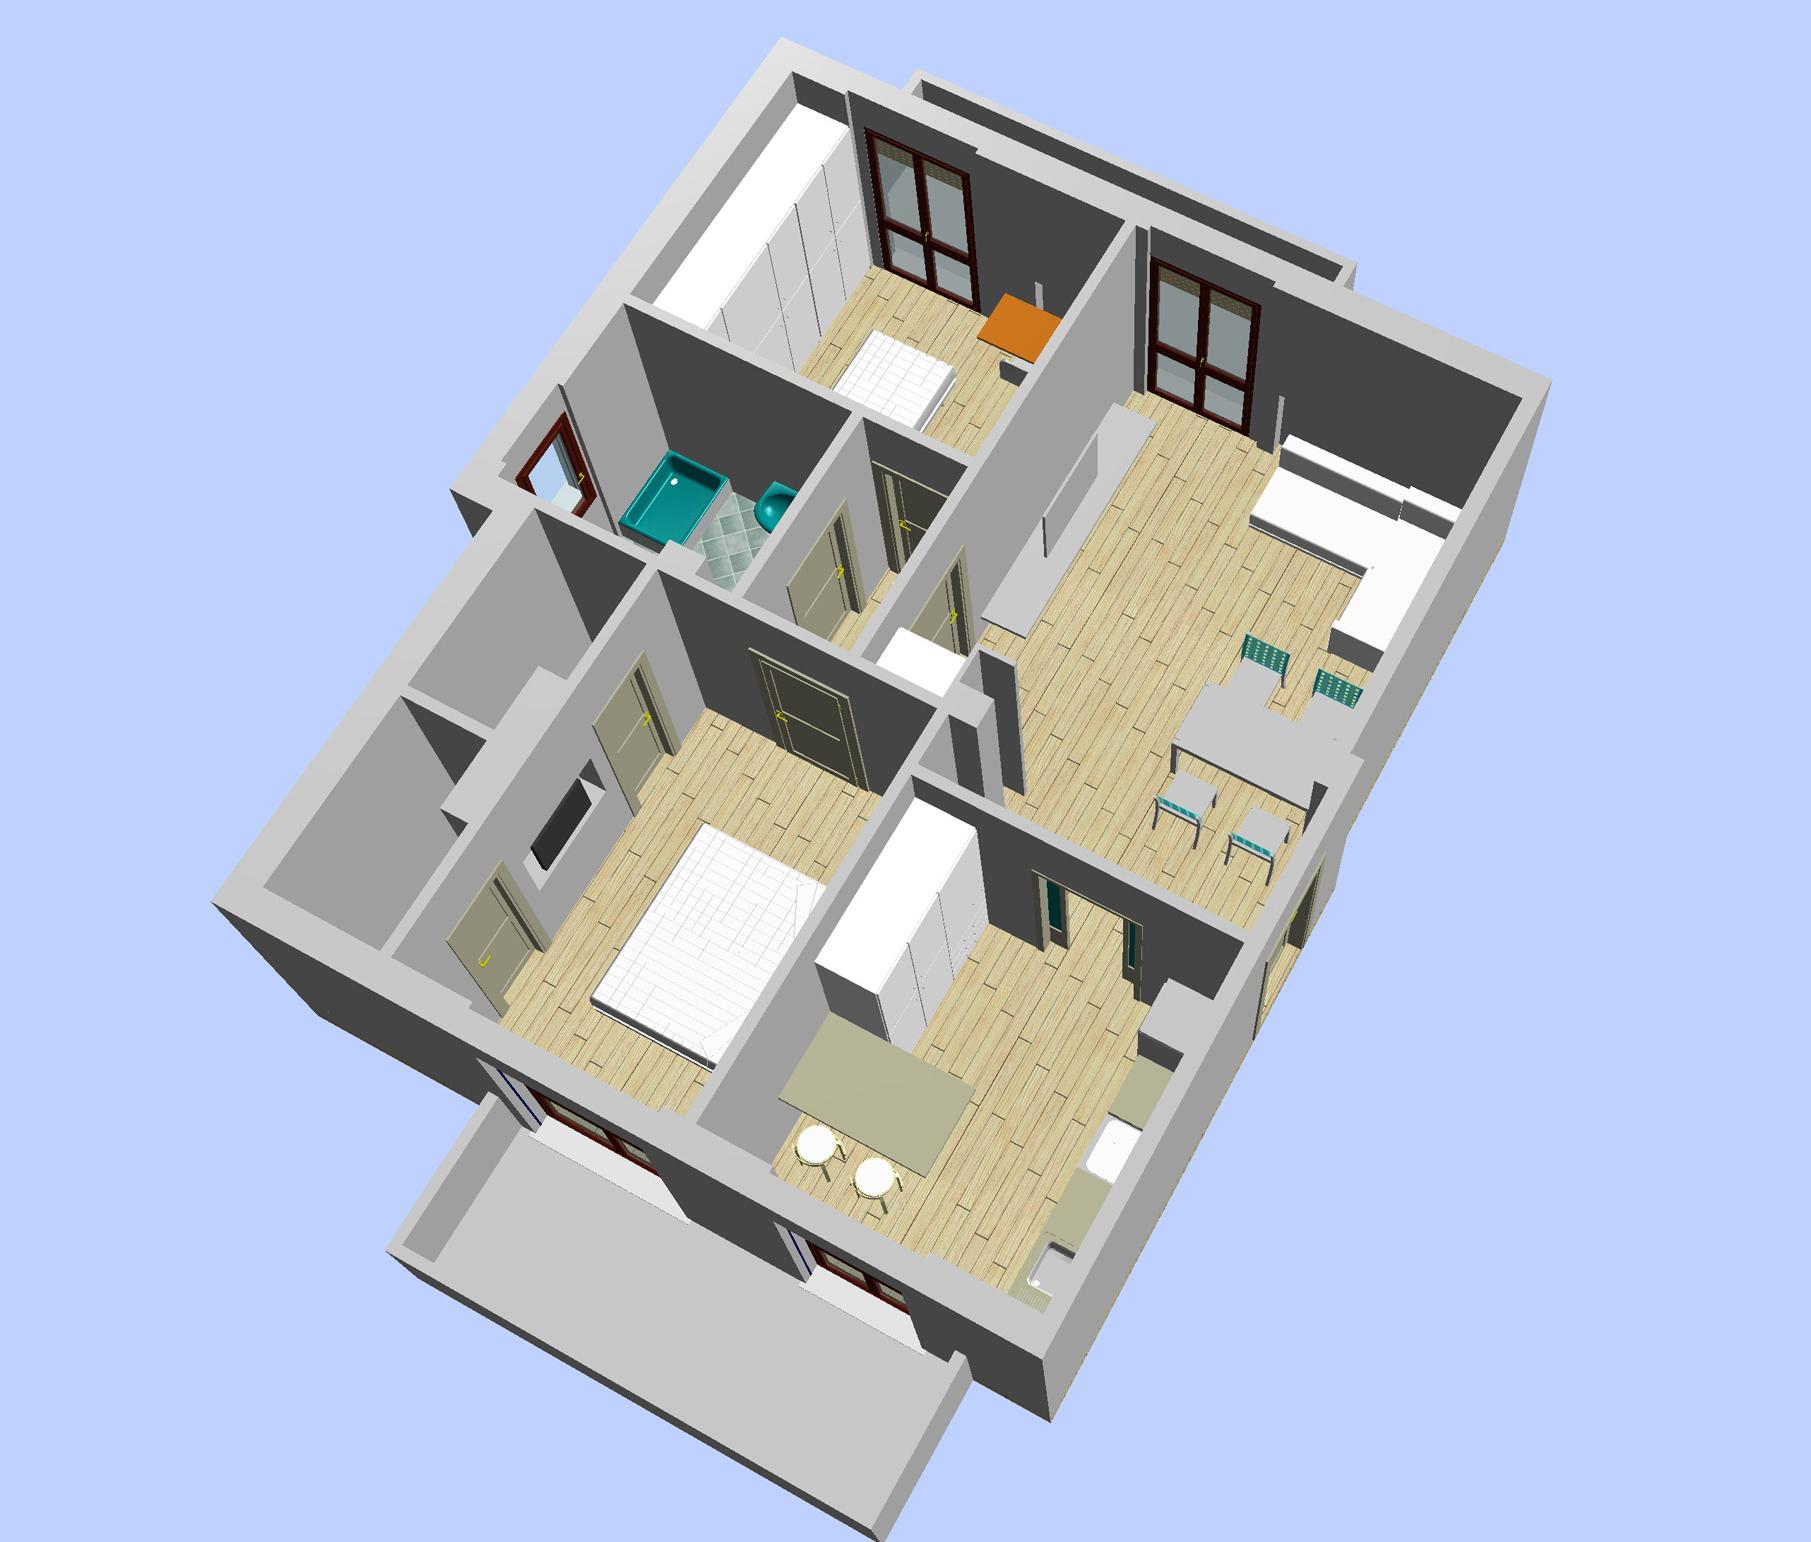 Progettazione civile tecnotre project s r l for Progettazione di edifici residenziali